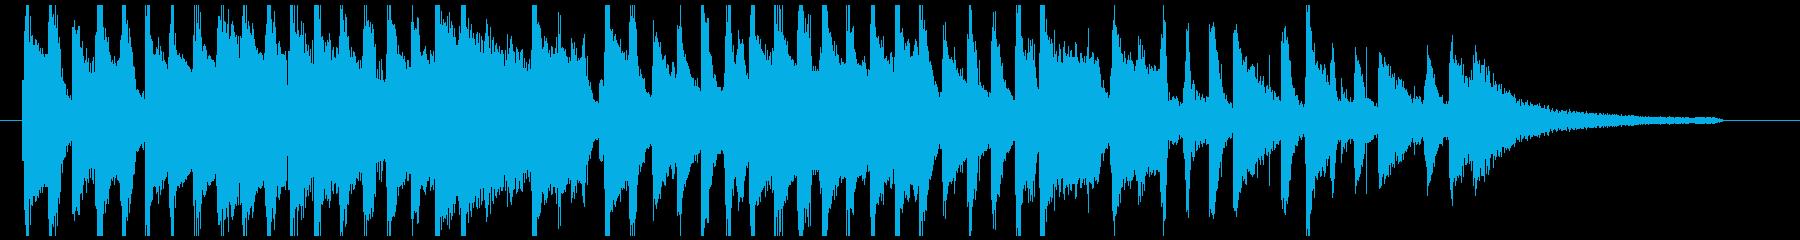 ピアノとふわふわシンセ かわいい短い曲の再生済みの波形